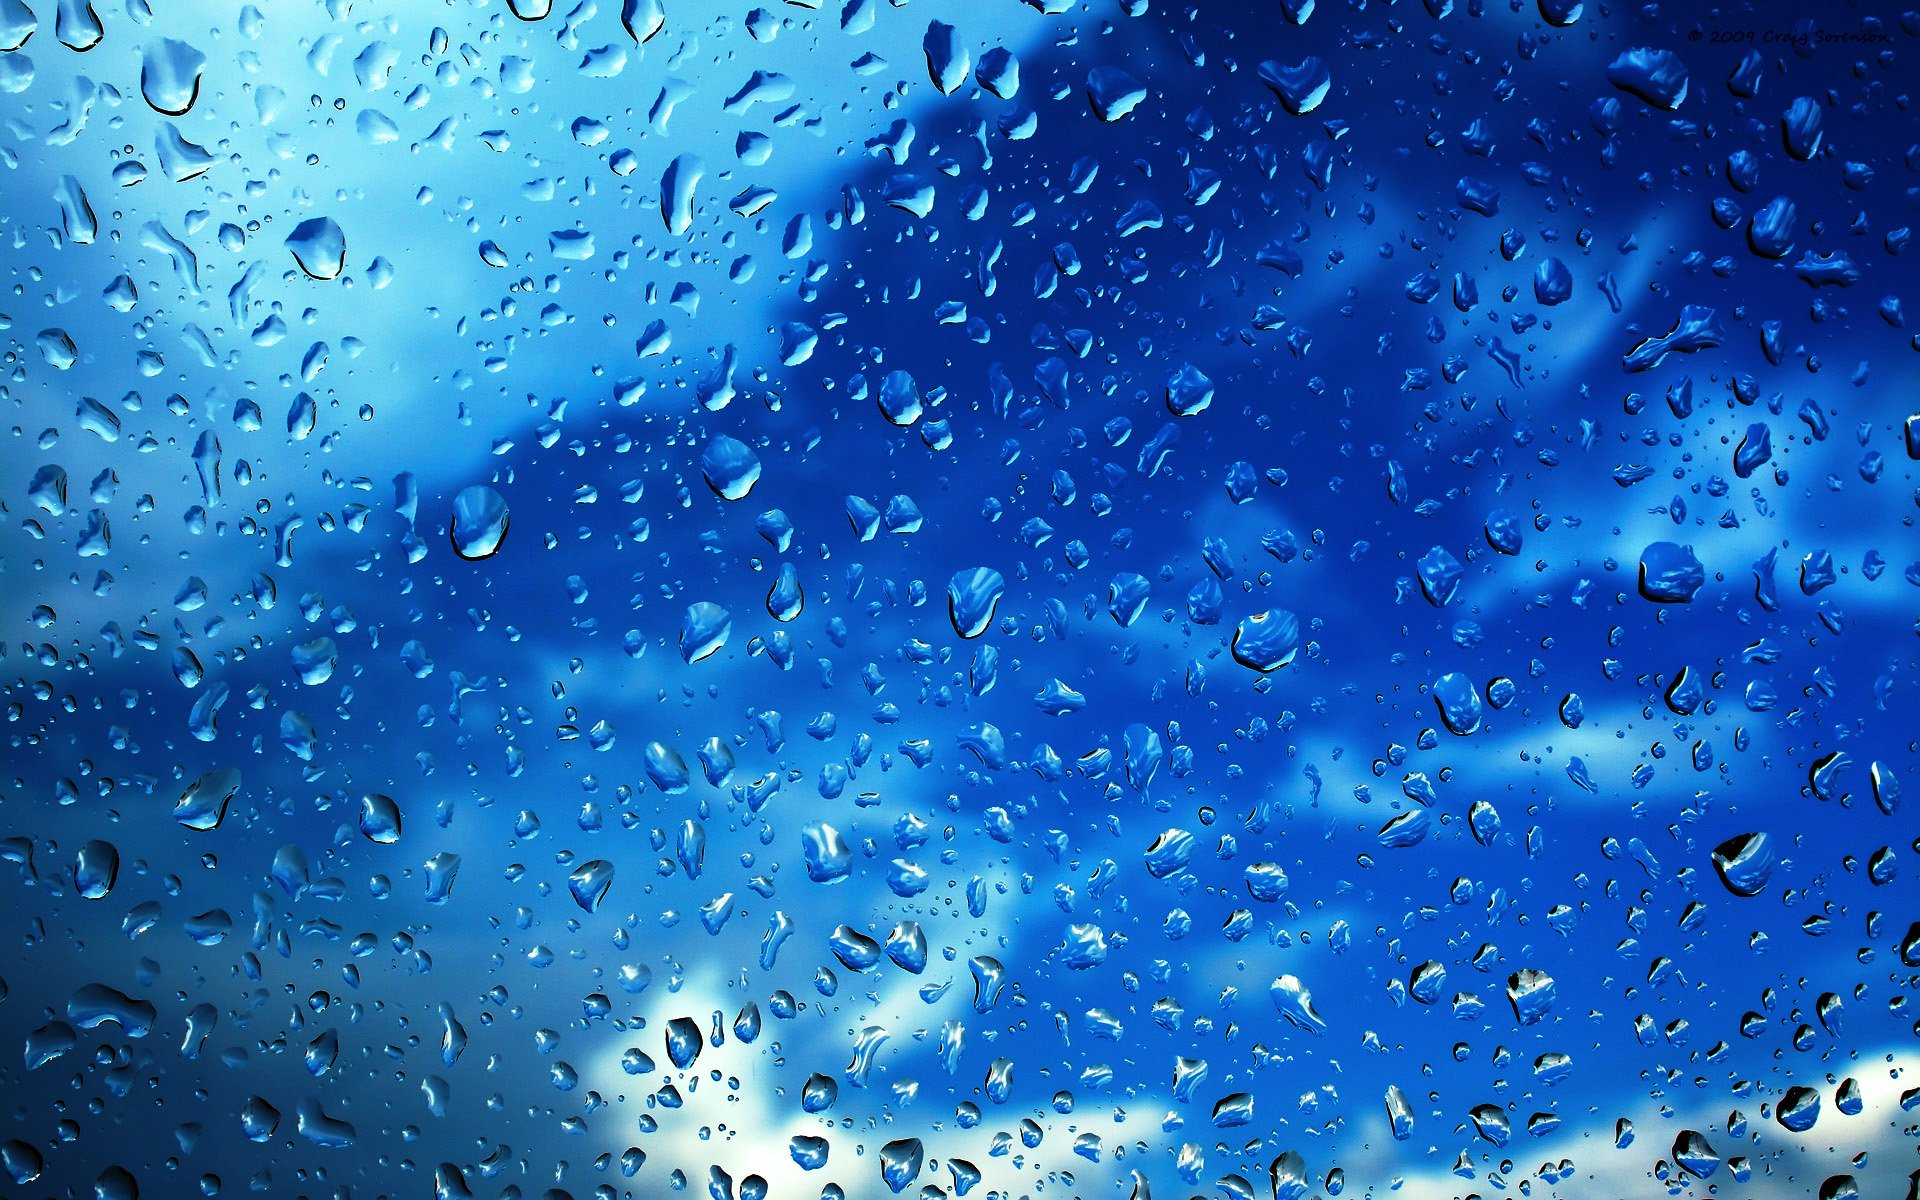 обои дождя на телефон дорожку